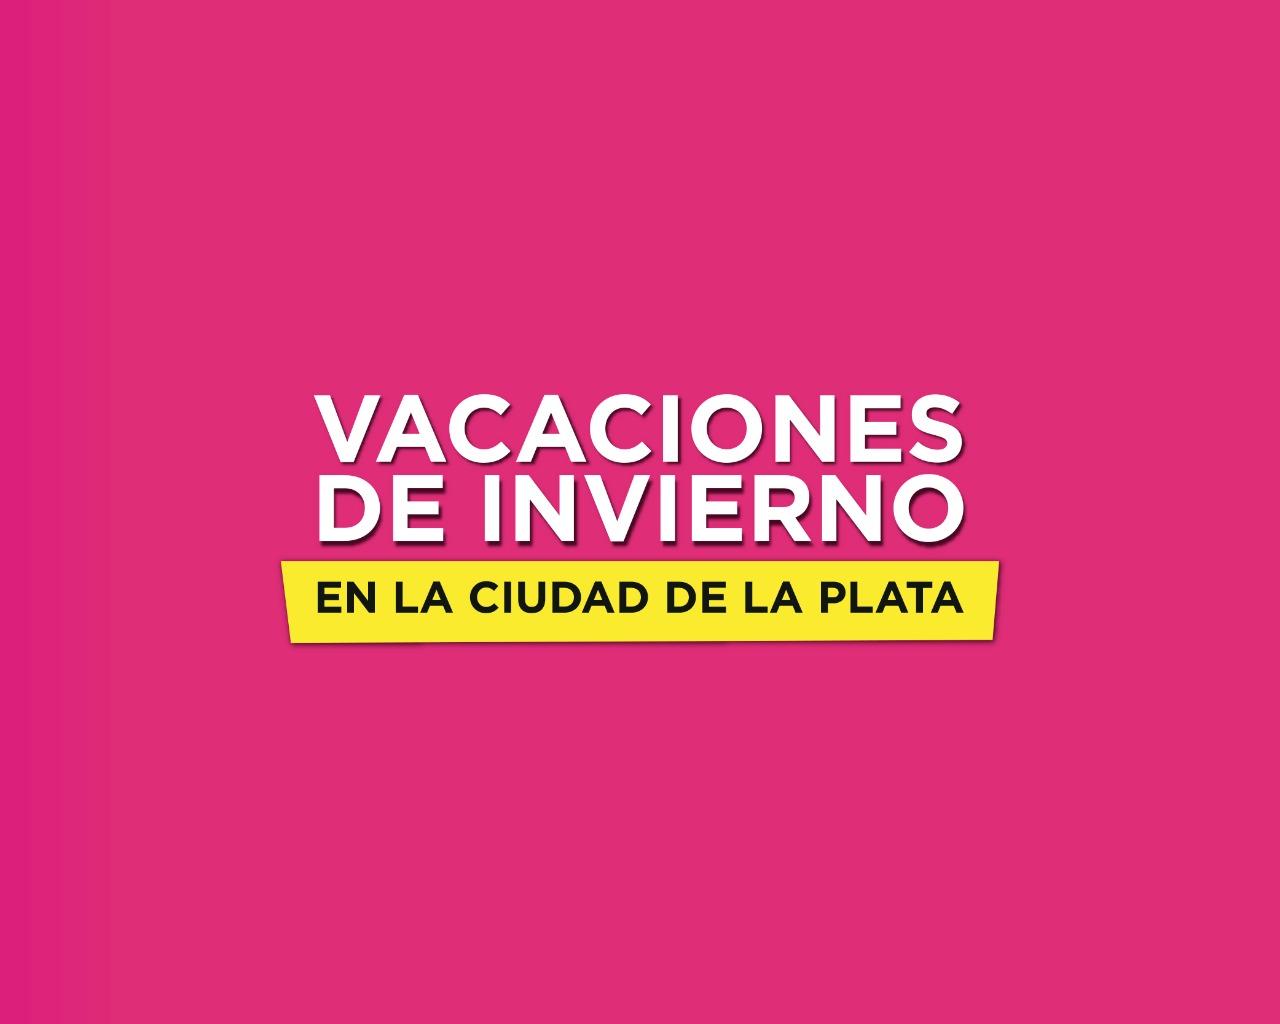 VACACIONES DE INVIERNO – AGENDA 18 DE JULIO